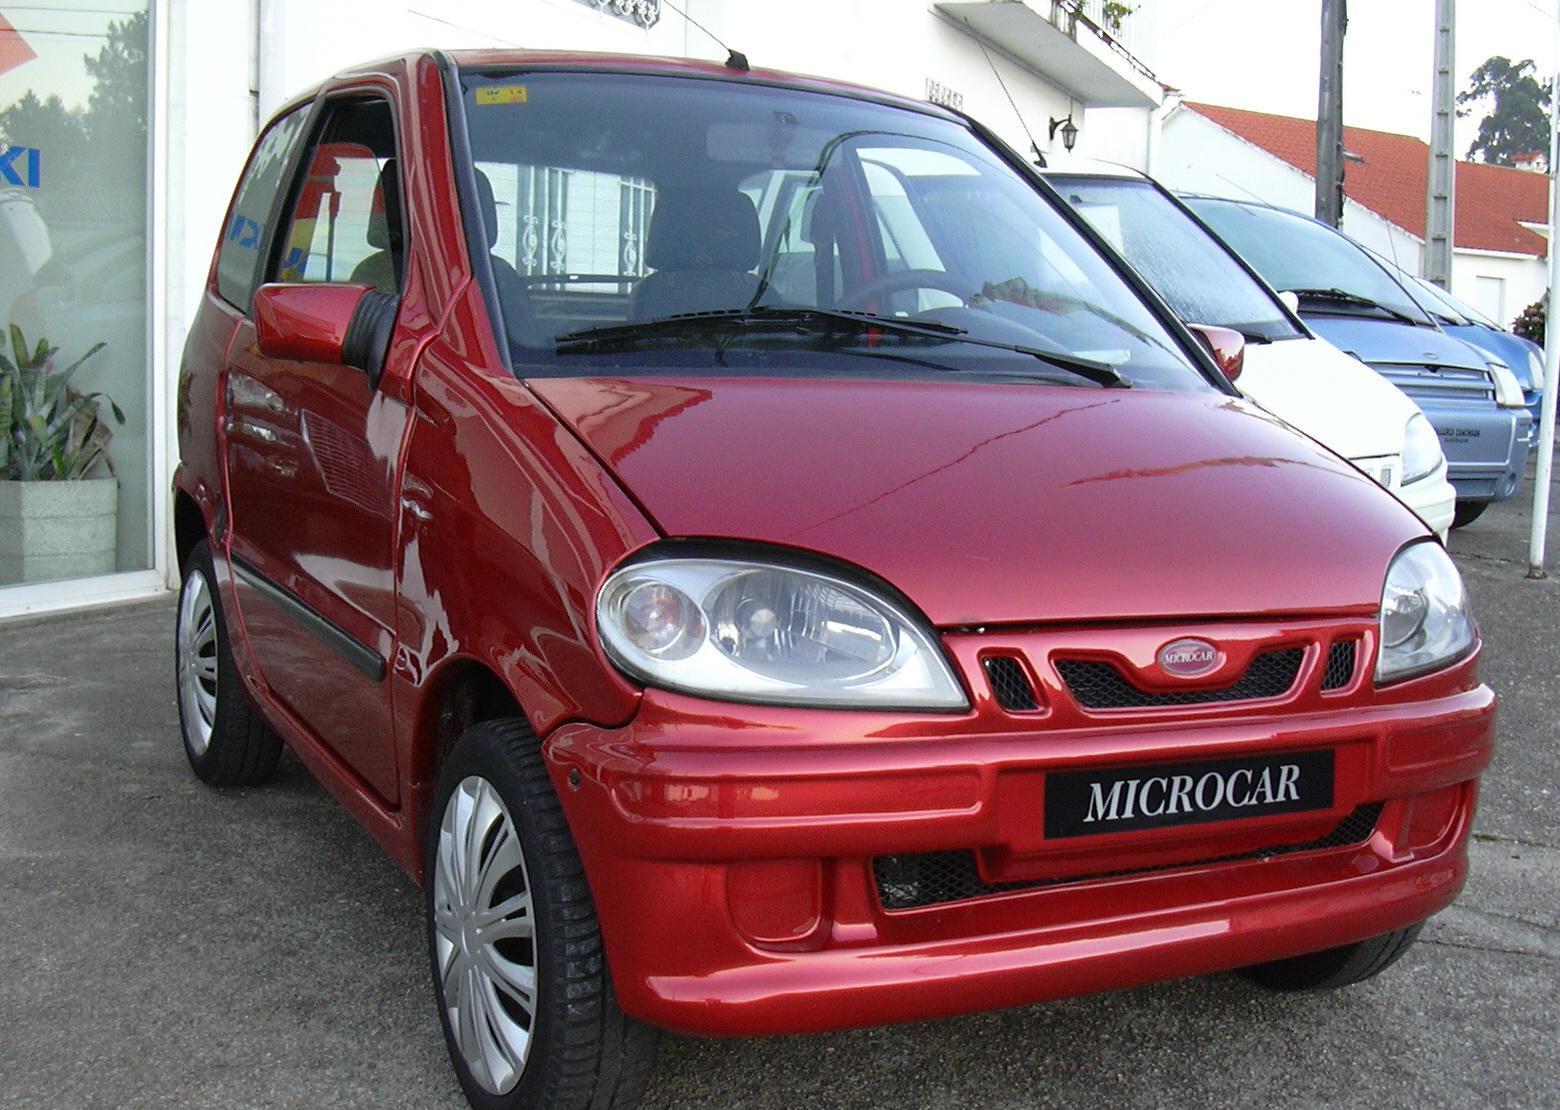 microcar Virgo Rojo (5)